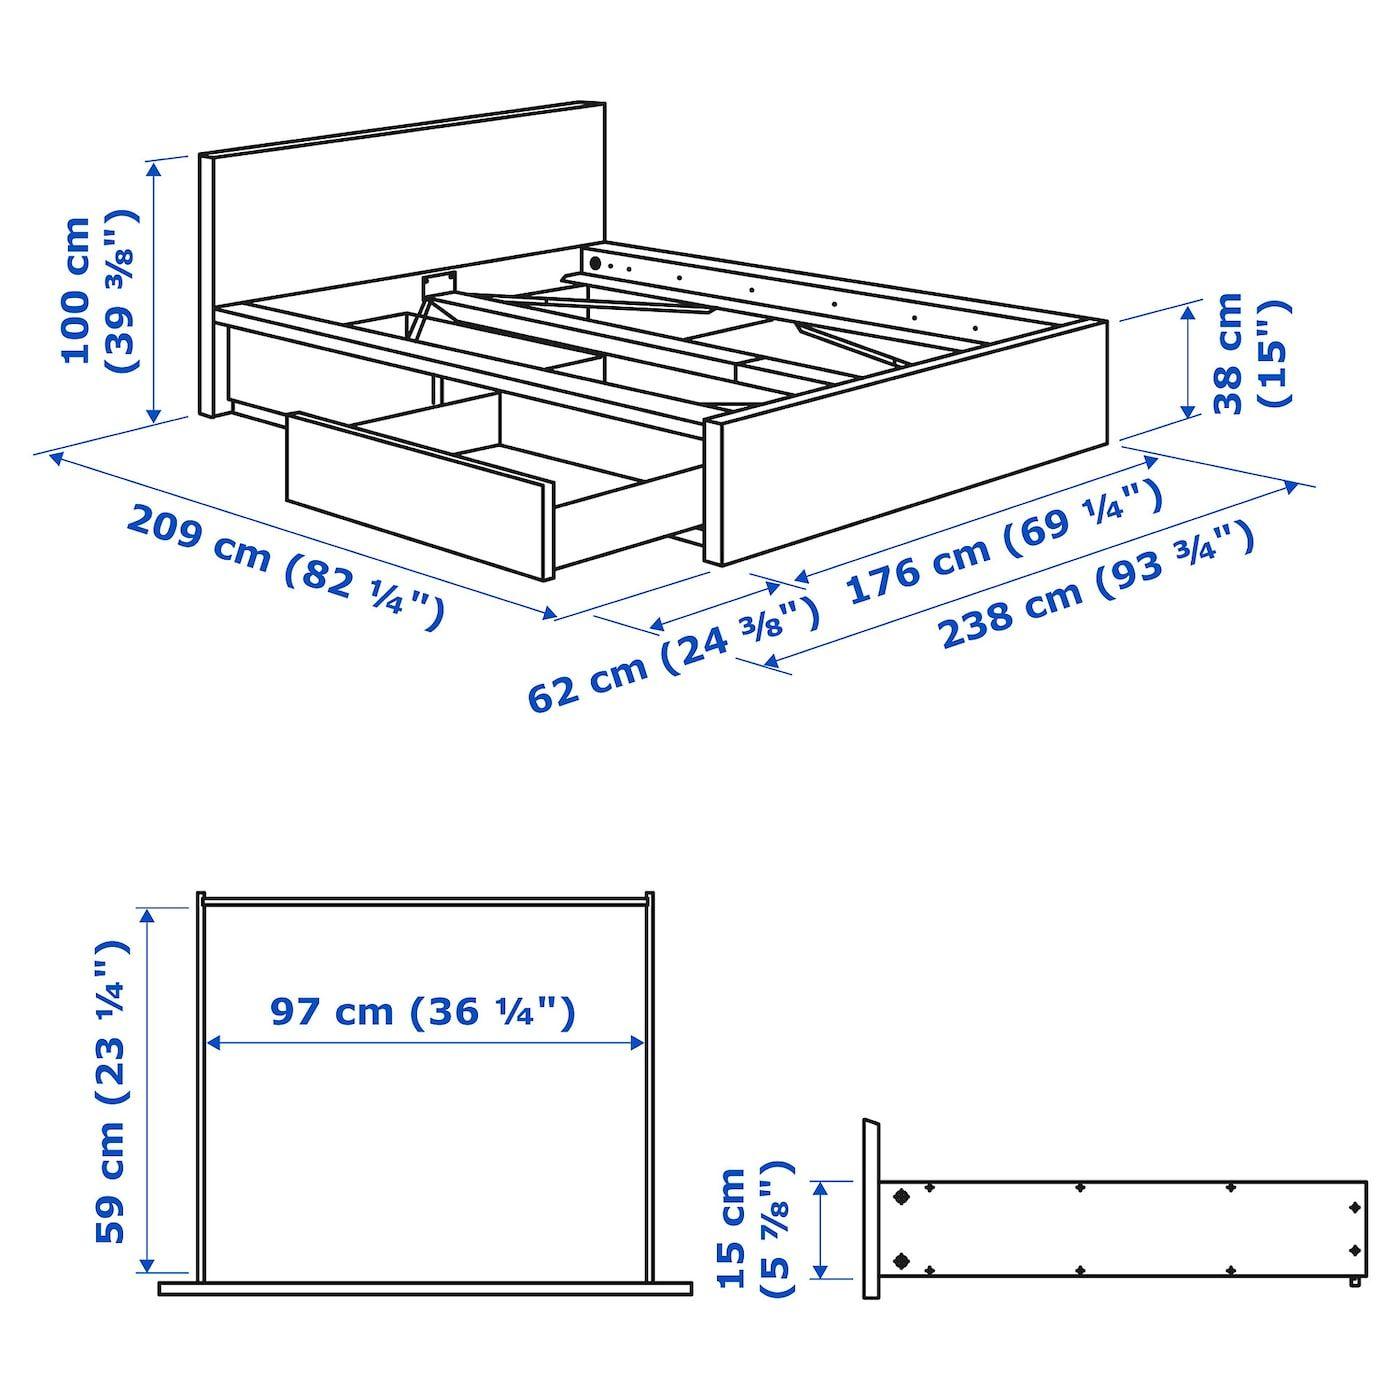 Malm Cadre De Lit Haut 2 Rangements Plaque Chene Blanchi 160x200 Cm Ikea In 2020 Malm Bett Bettgestell Aufbewahrungsbox